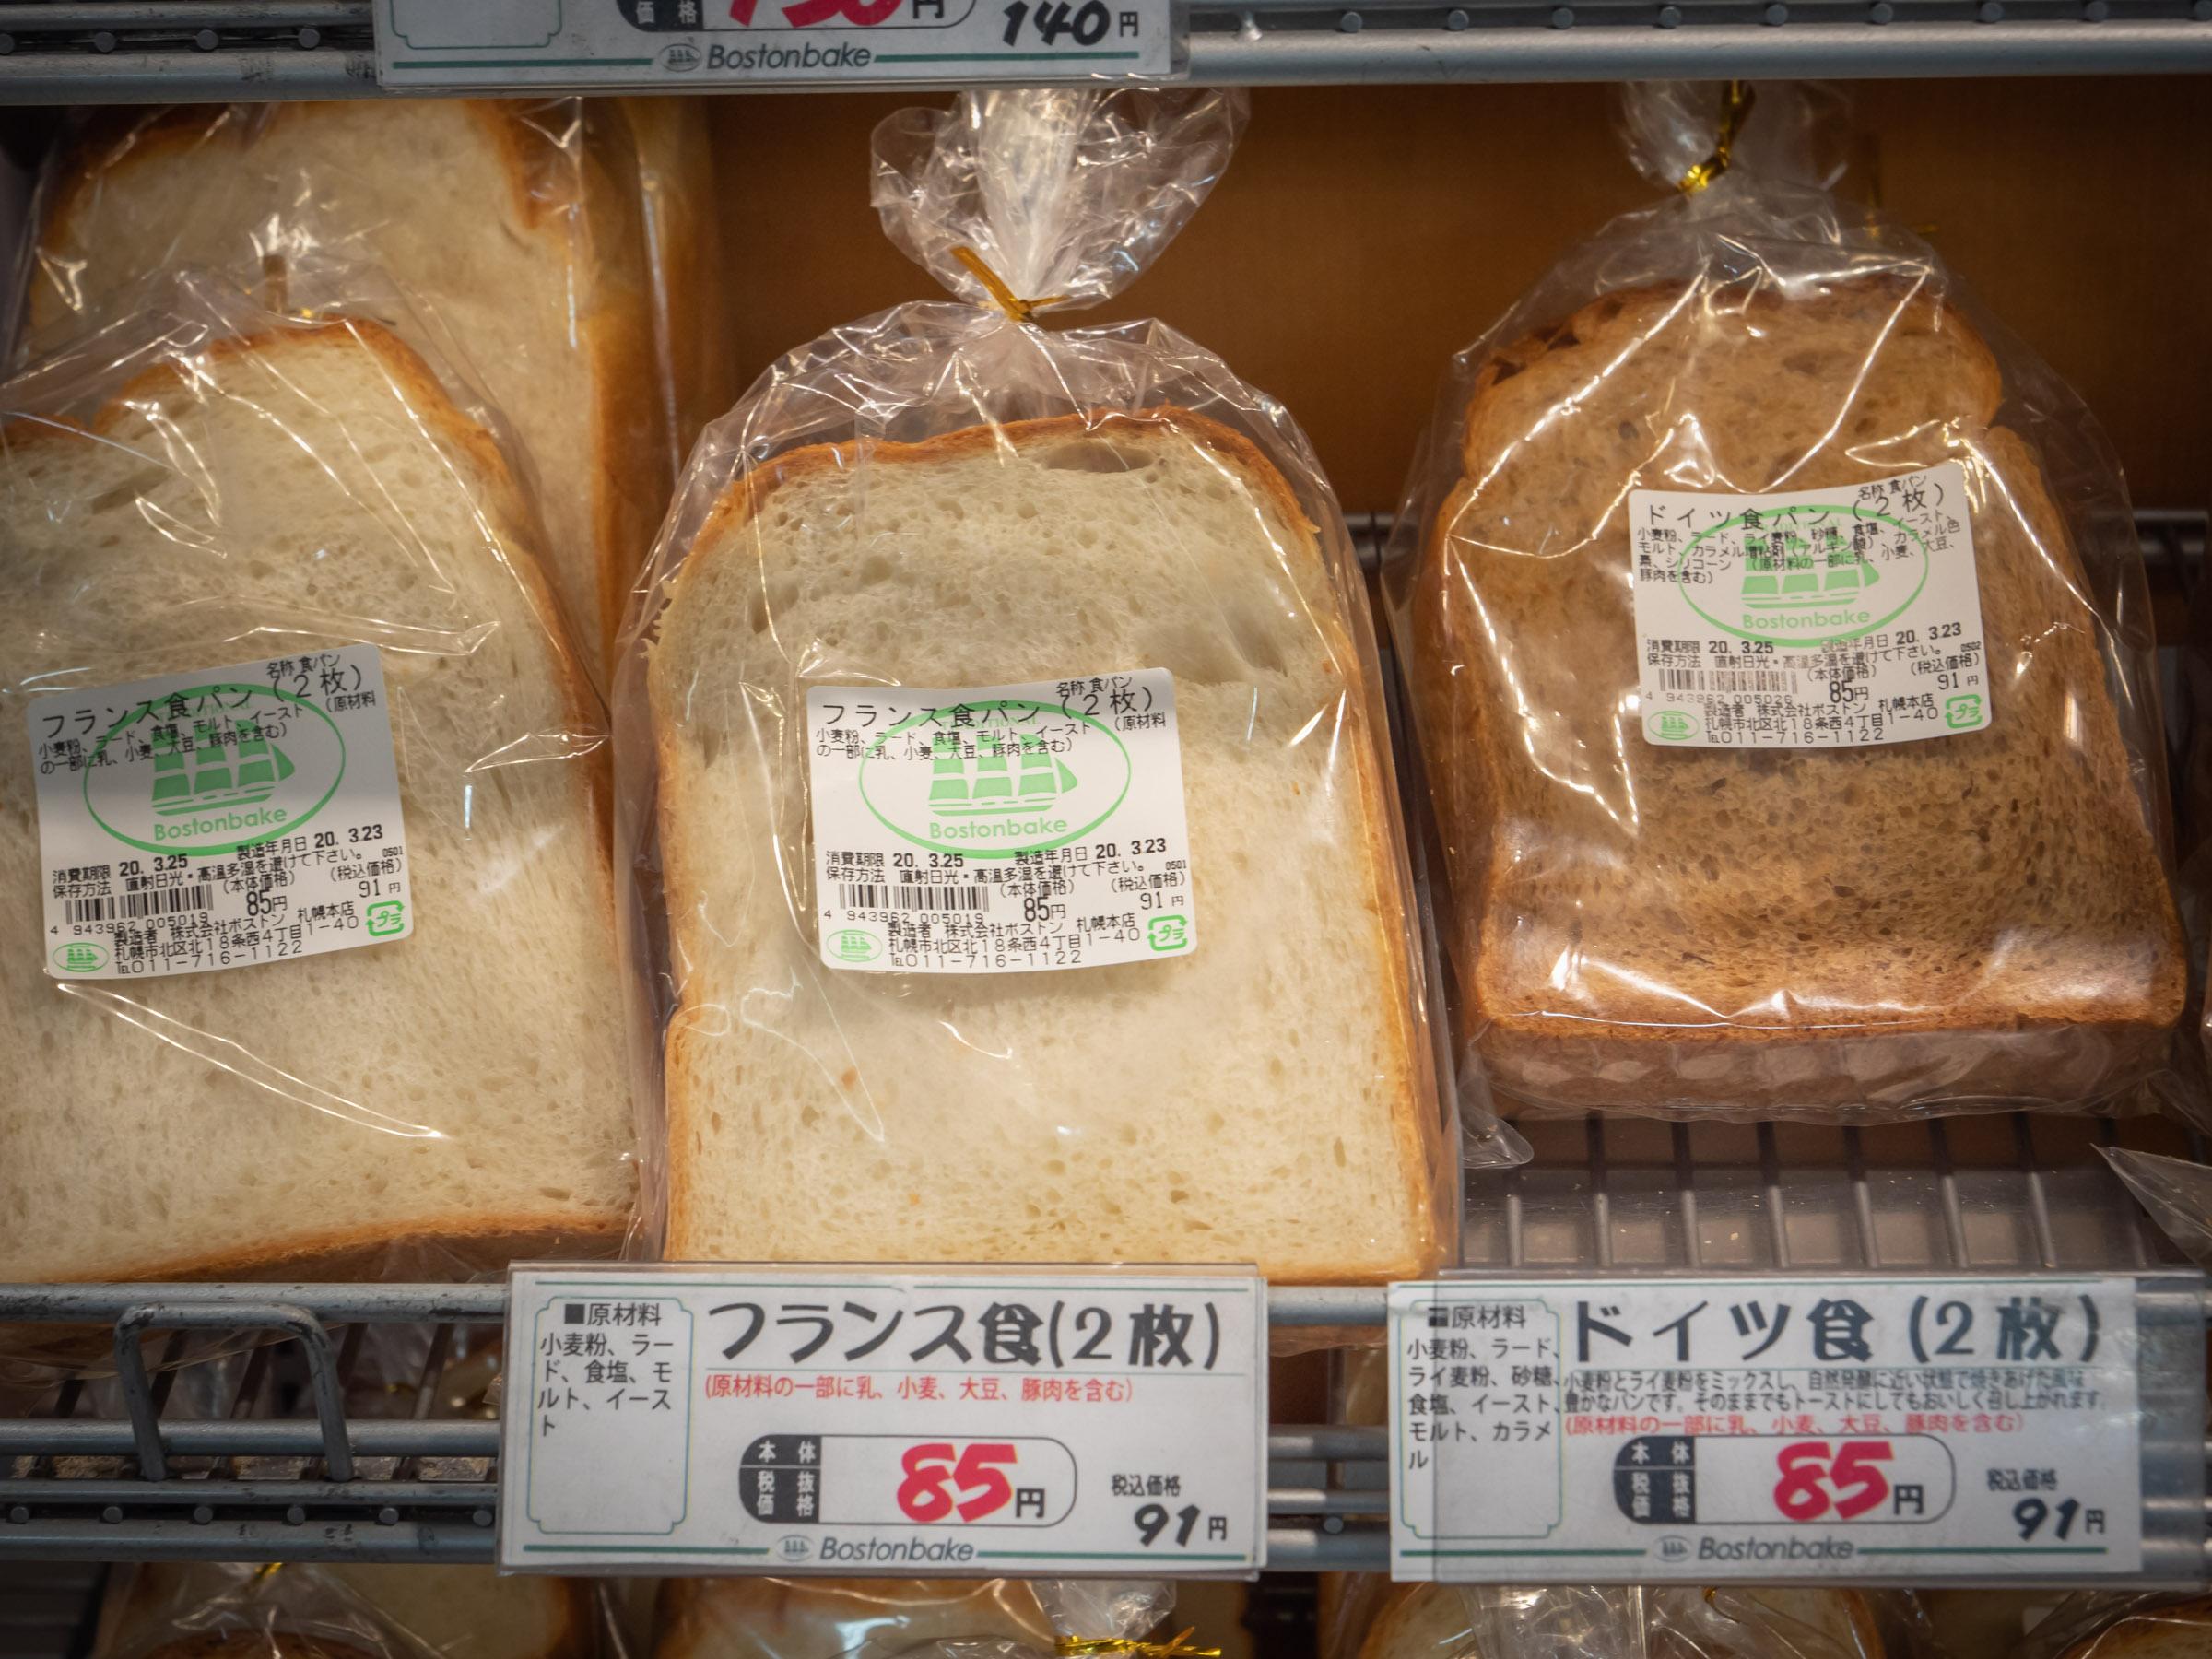 フランス食パンという面妖なパン DMC-GX8 + LEICA DG 12-60mm